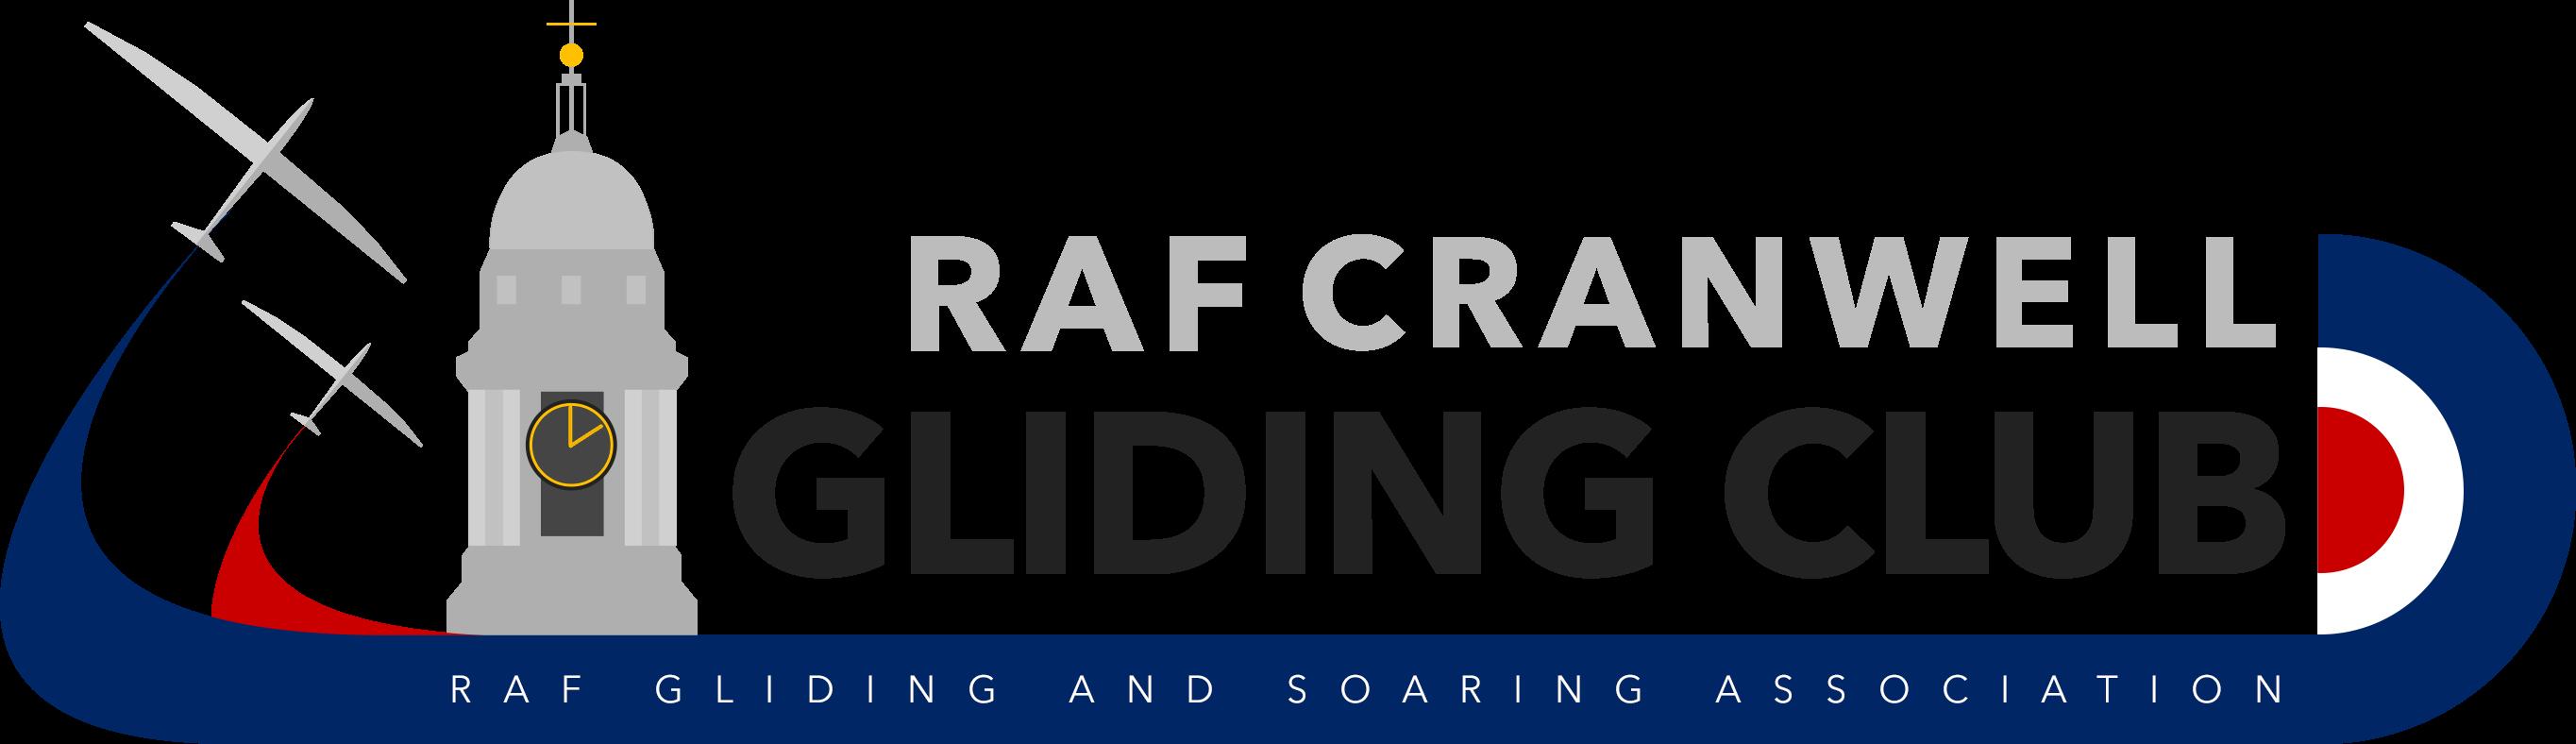 RAF Cranwell Gliding Club